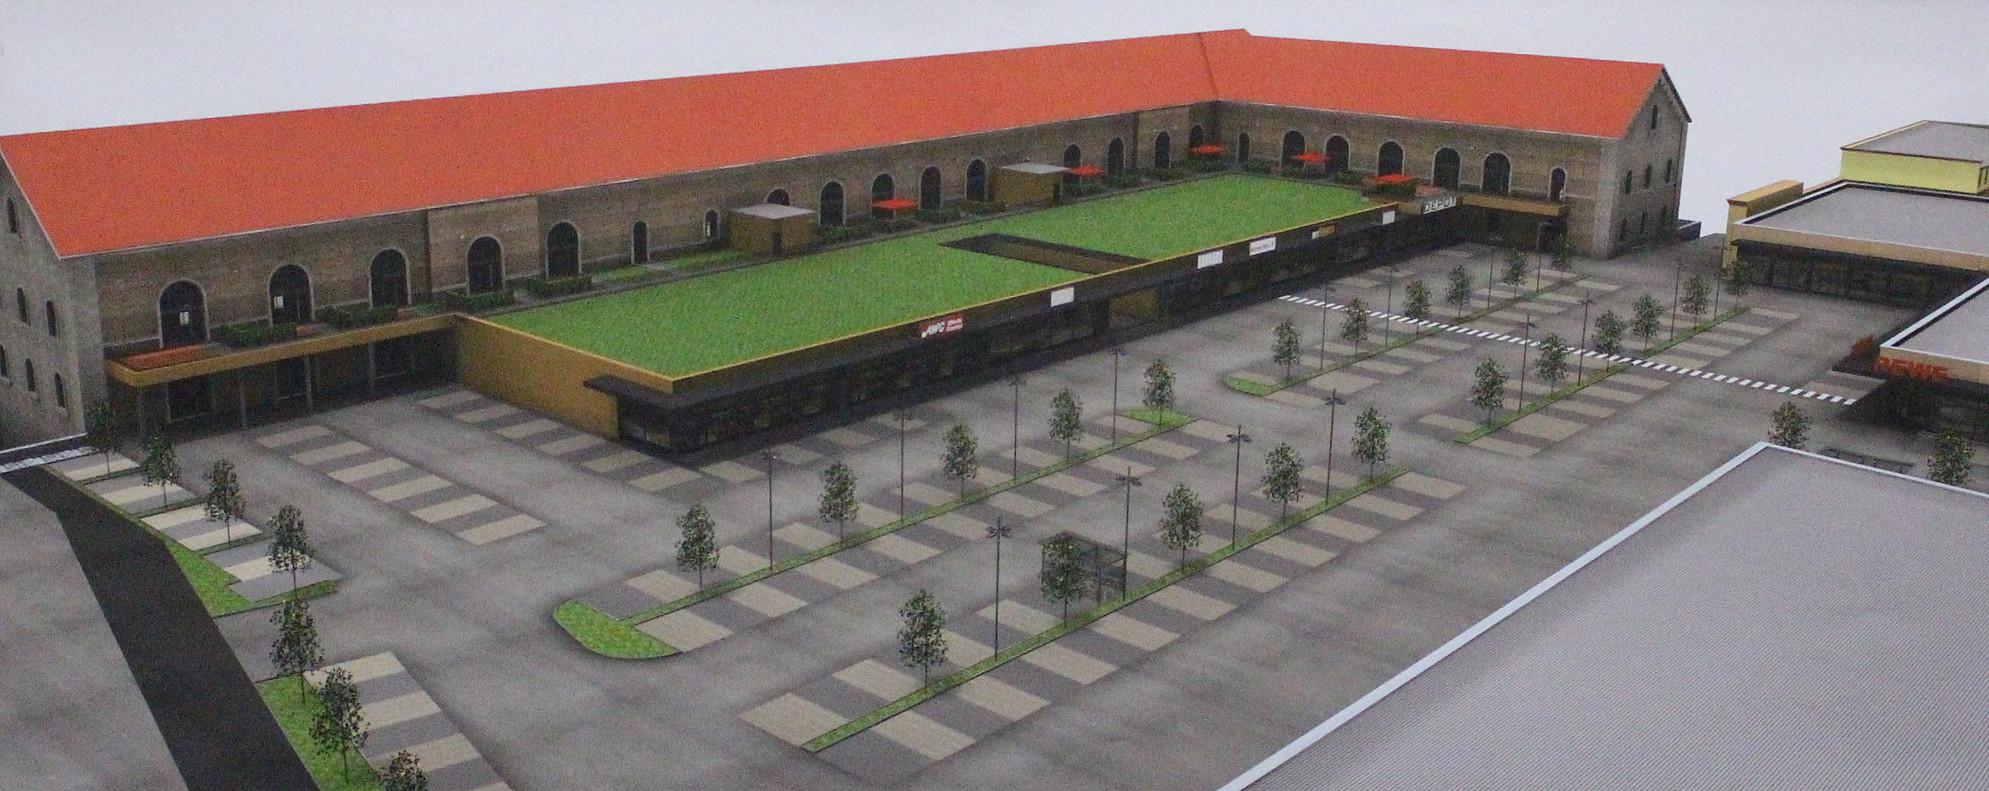 germersheim mit baggerbiss von stadtkaserne zum einkaufszentrum pfalz express. Black Bedroom Furniture Sets. Home Design Ideas